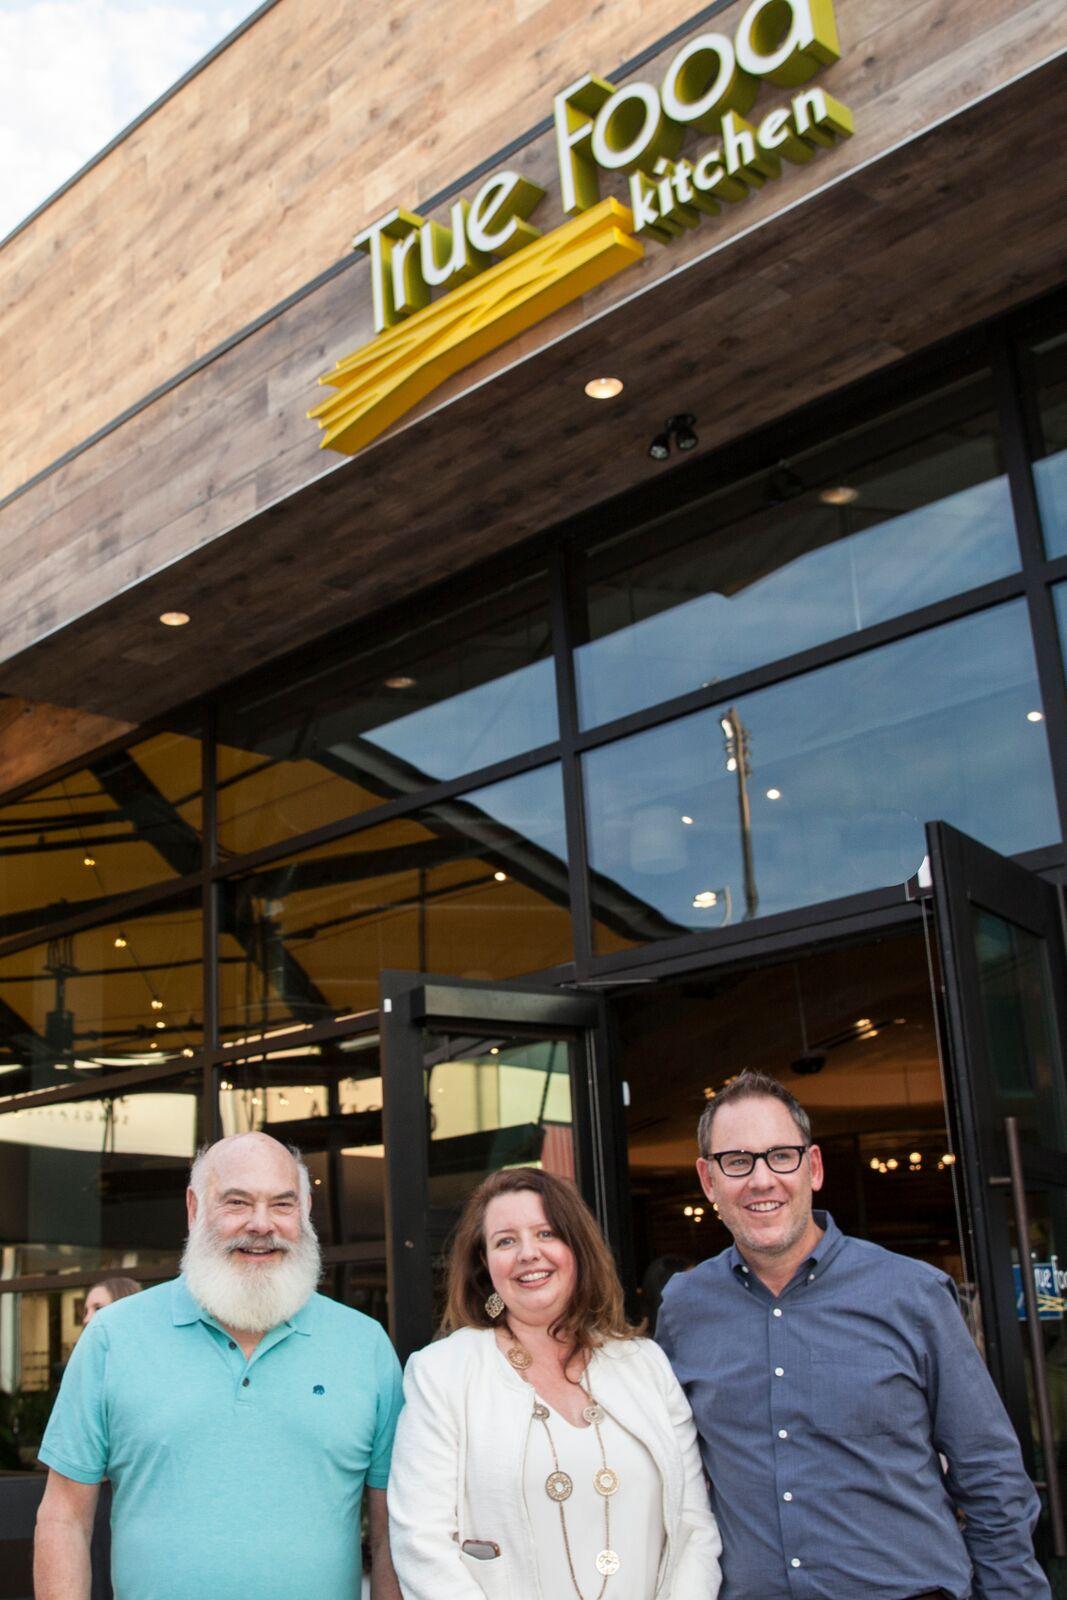 True Food Kitchen Opening - Walnut Creek